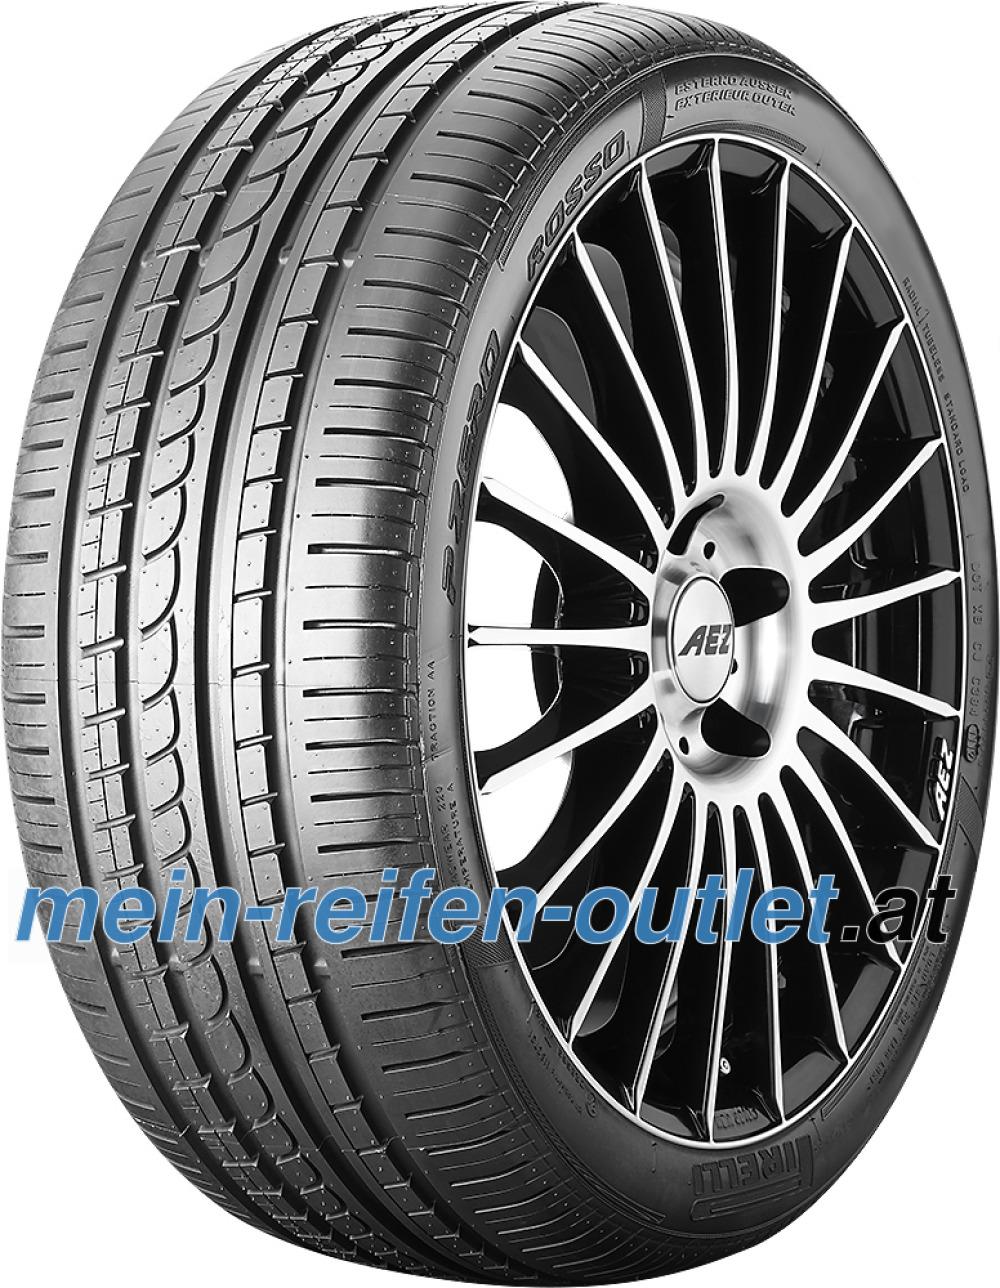 Pirelli P Zero Rosso Asimmetrico ( 275/35 ZR20 105Y XL B )